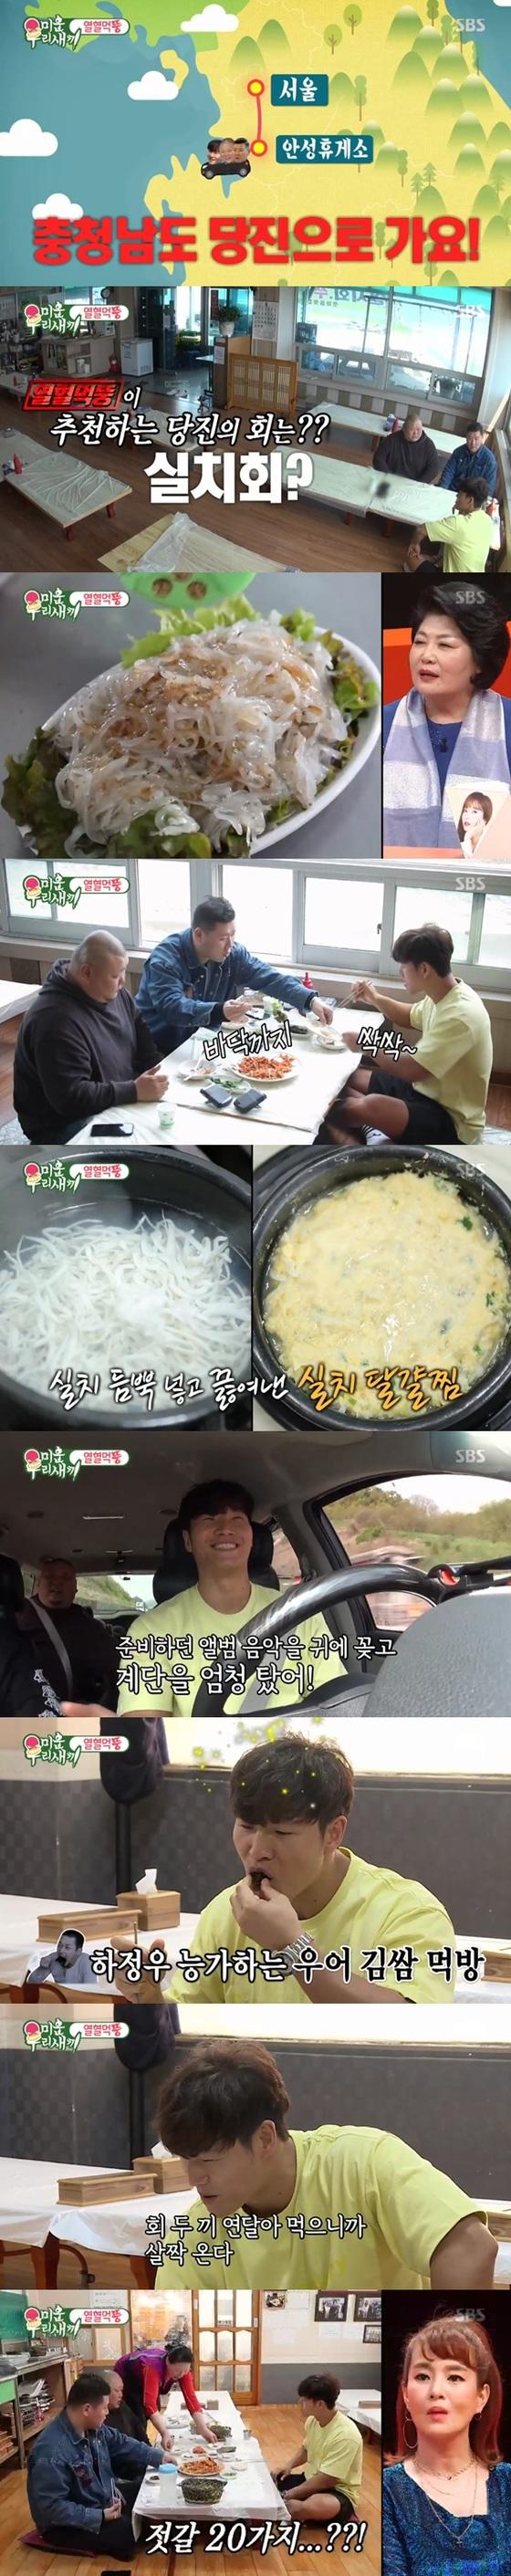 '미우새' 김종국 먹방 투어, 당진 실치회→논산 우어회(종합)